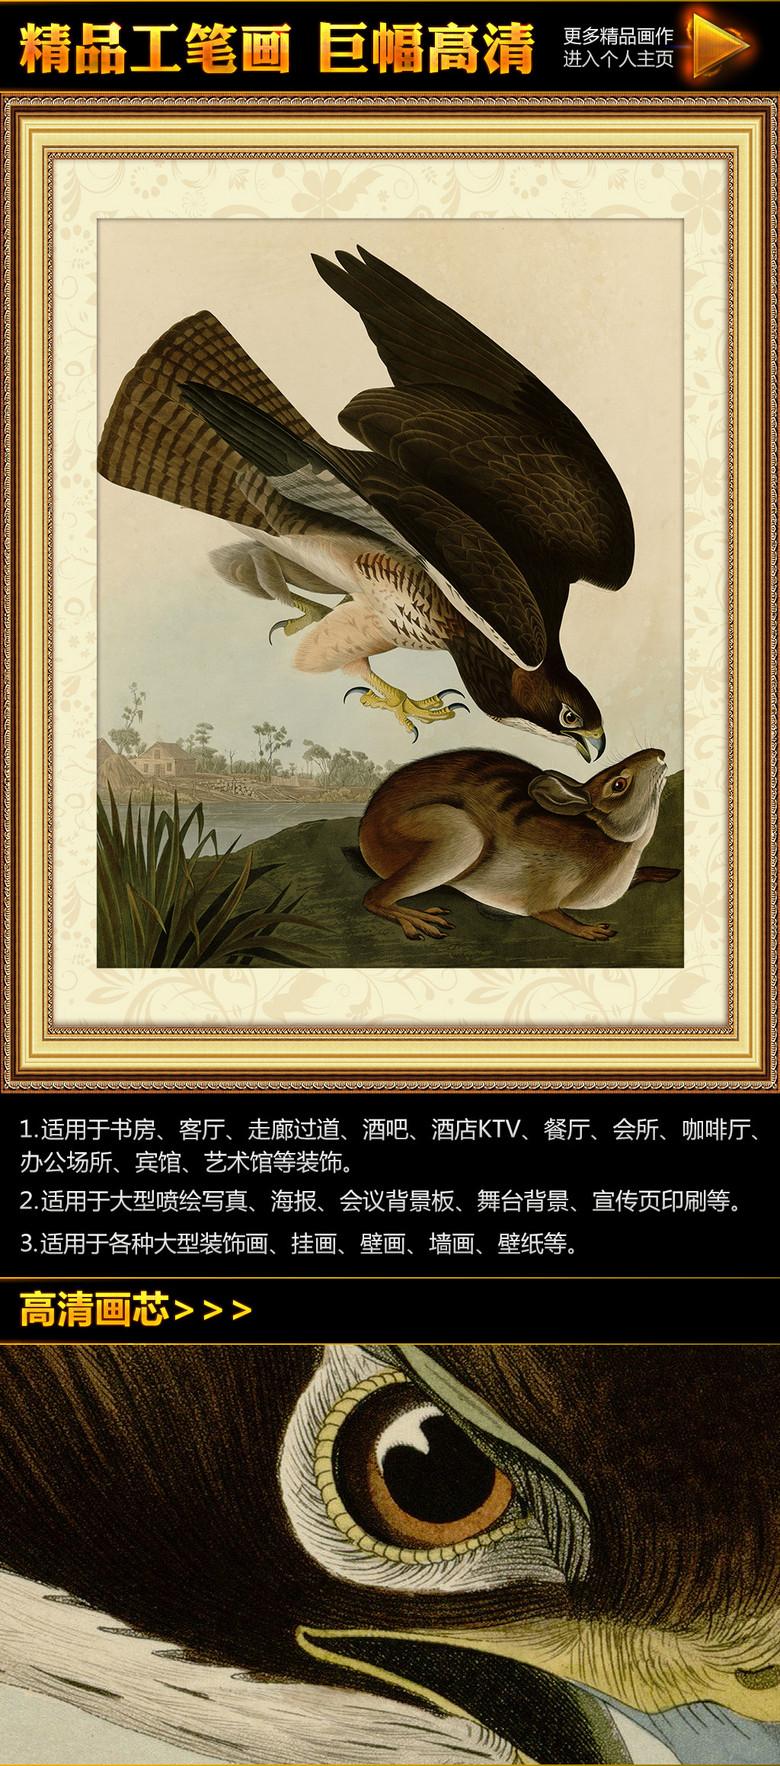 杜邦 鹰抓兔 工笔画挂画无框画装饰画高清图片下载 图片编号